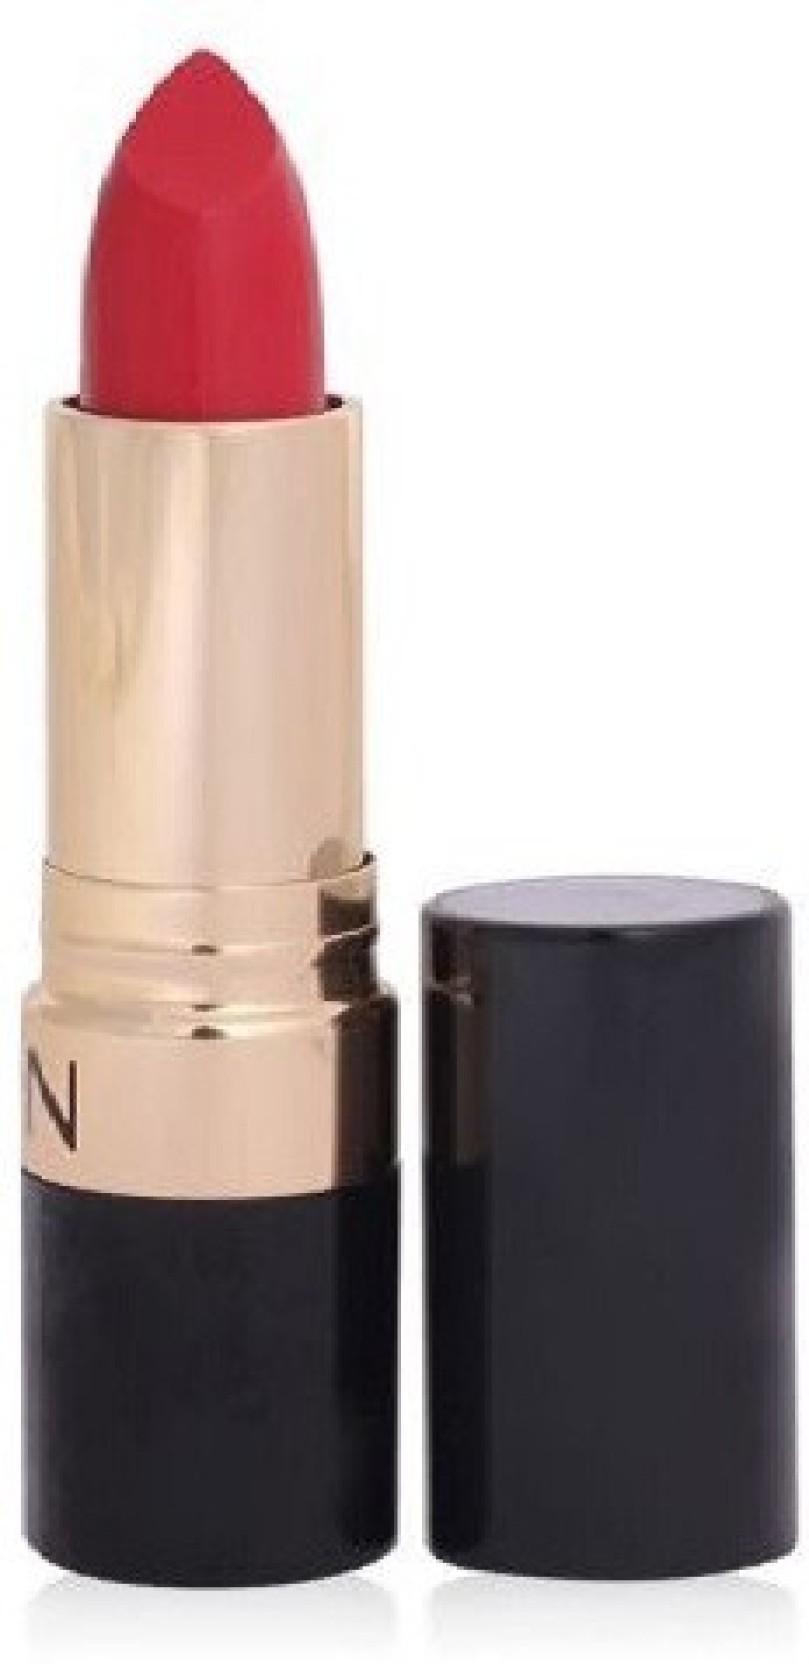 92c58fab105d6 Revlon Super Lustrous Lipstick Cha Cha Cherry-626